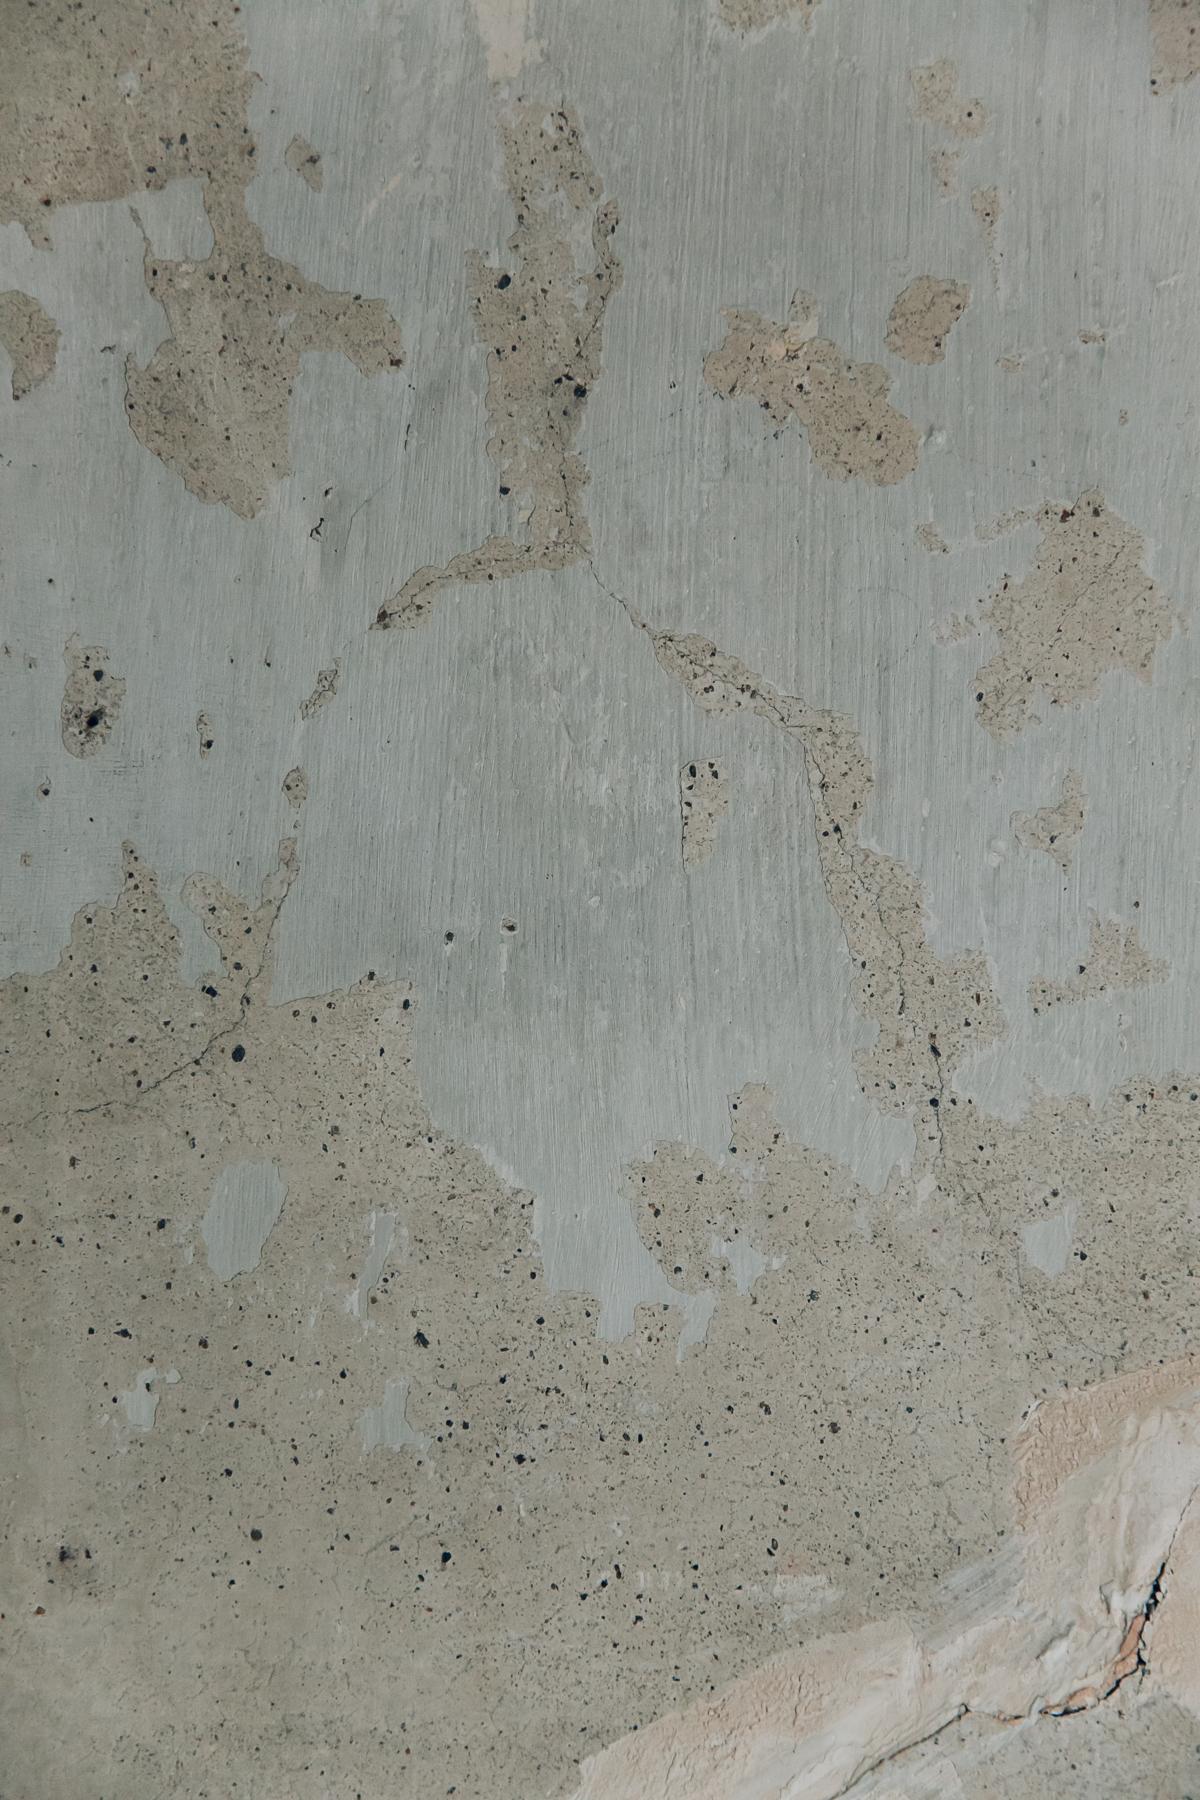 Raw plaster walls.